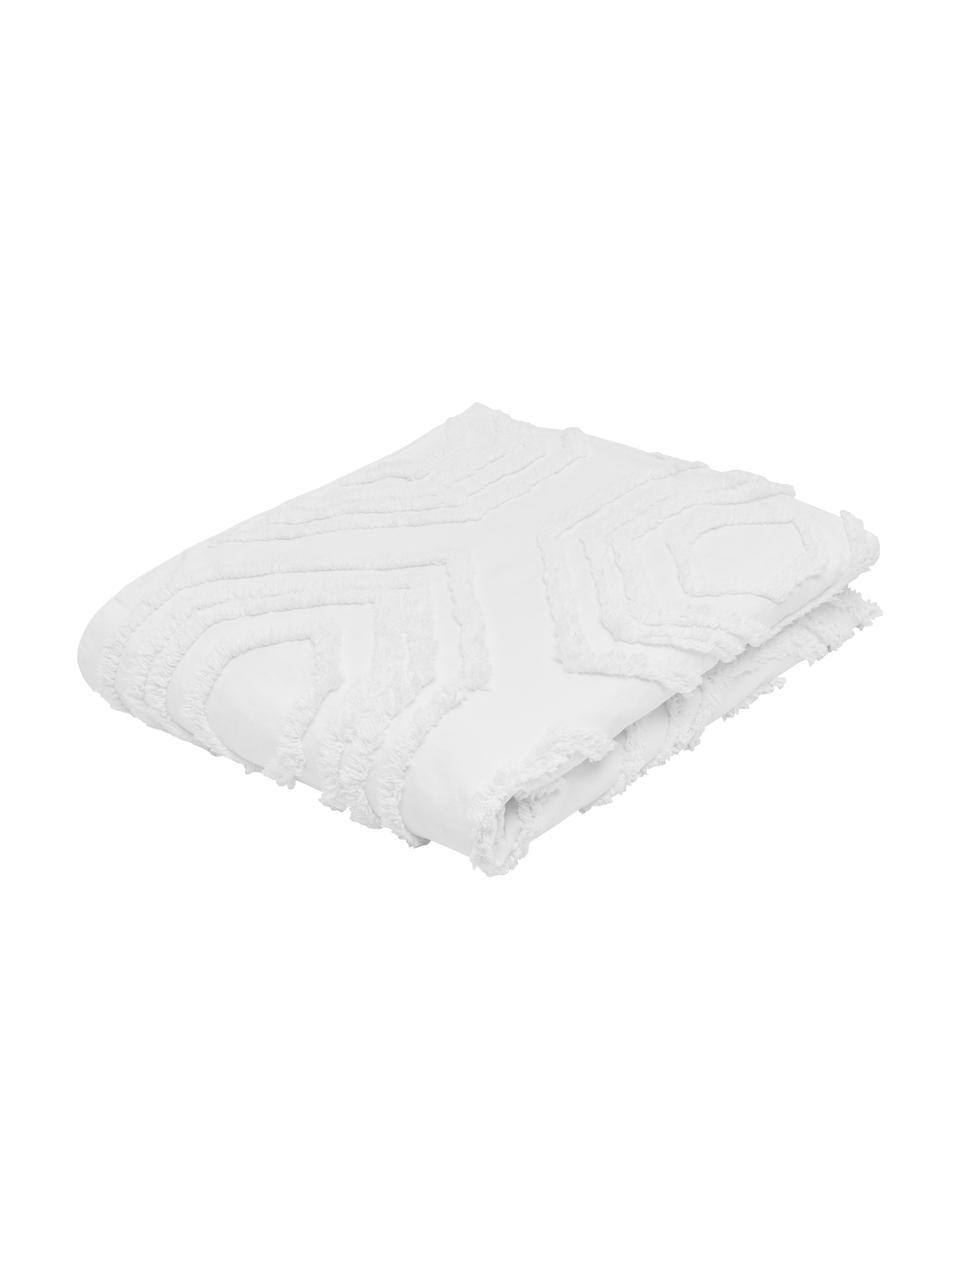 Bedsprei Faye met getuft patroon, 100% katoen, Wit, B 240 x L 260 cm (voor bedden van 160 x 200)